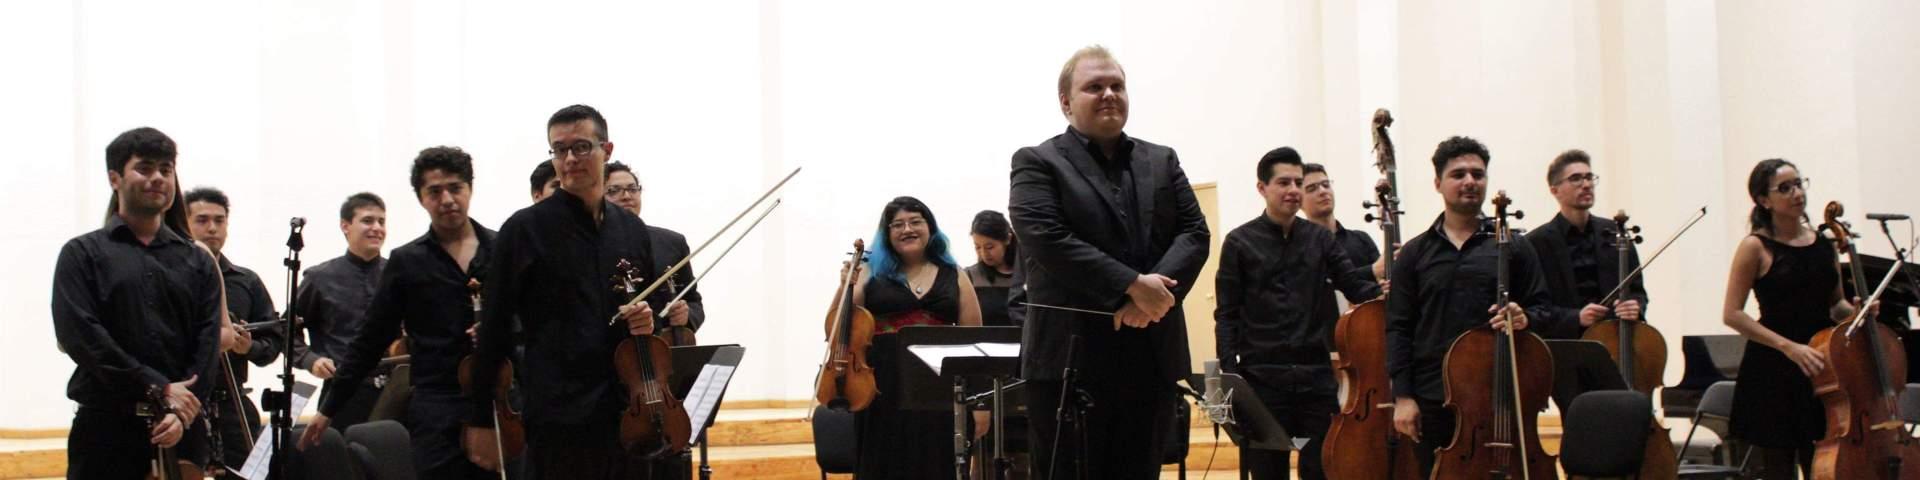 Colectivo Musas Divus Trinus durante el recital para orquesta de cuerdas BarrocoN-Tempo